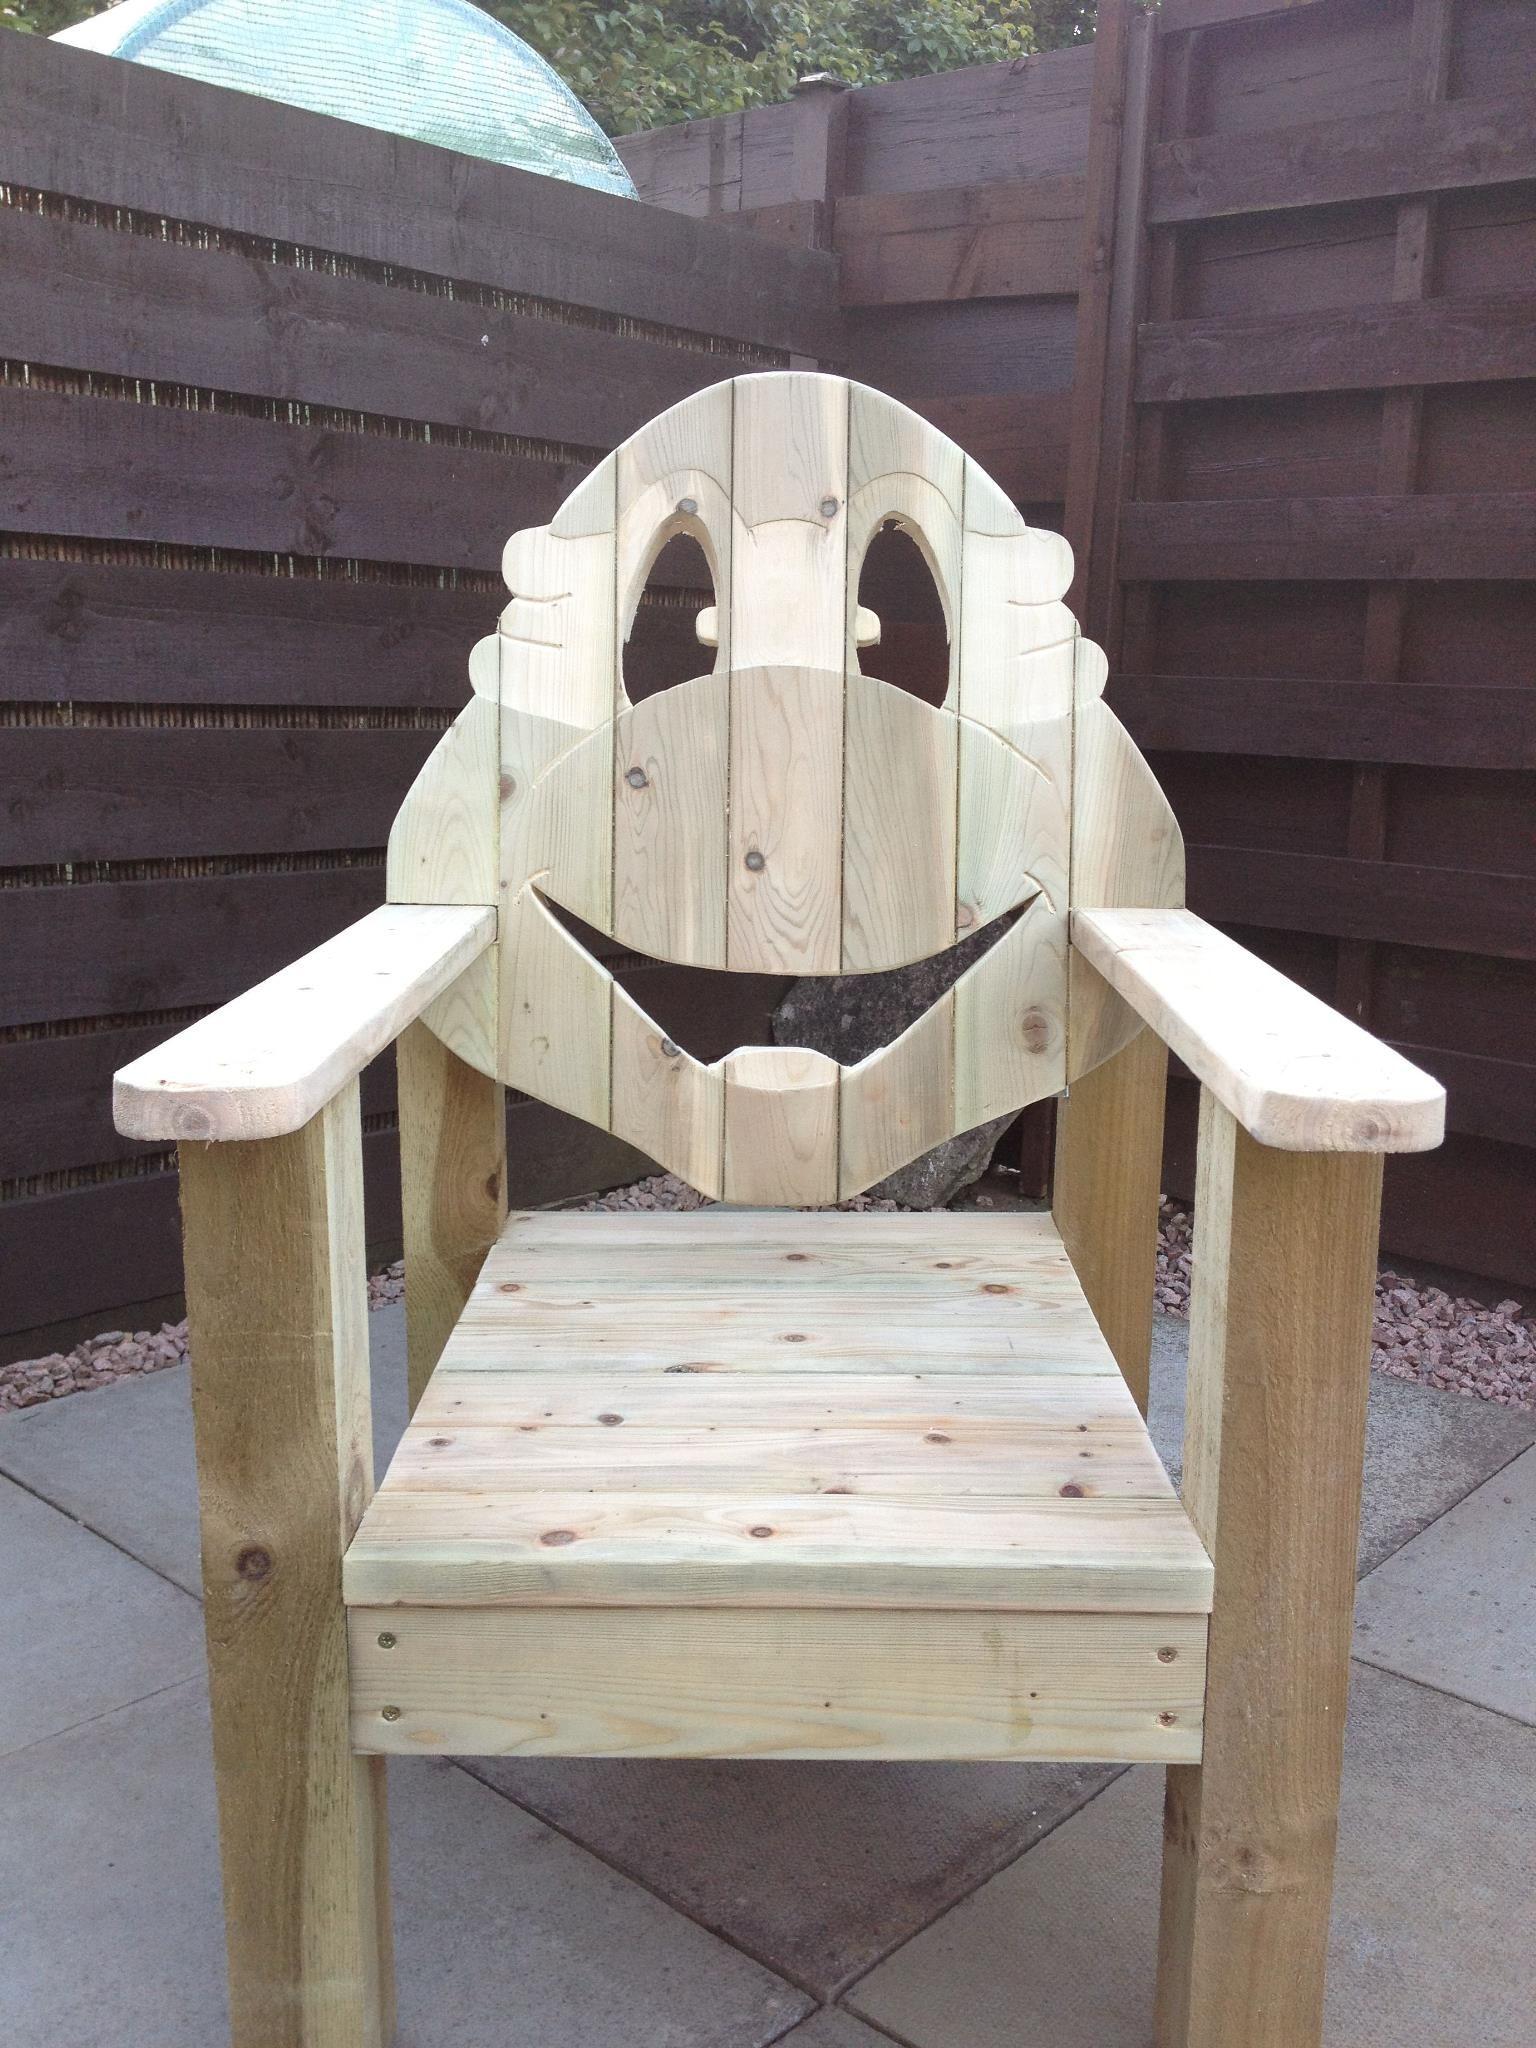 raphael chair chaise enfantmobilier jardindco jardinchaises boismobilier enfantpalettes - Mobilier De Jardin En Bois De Palette